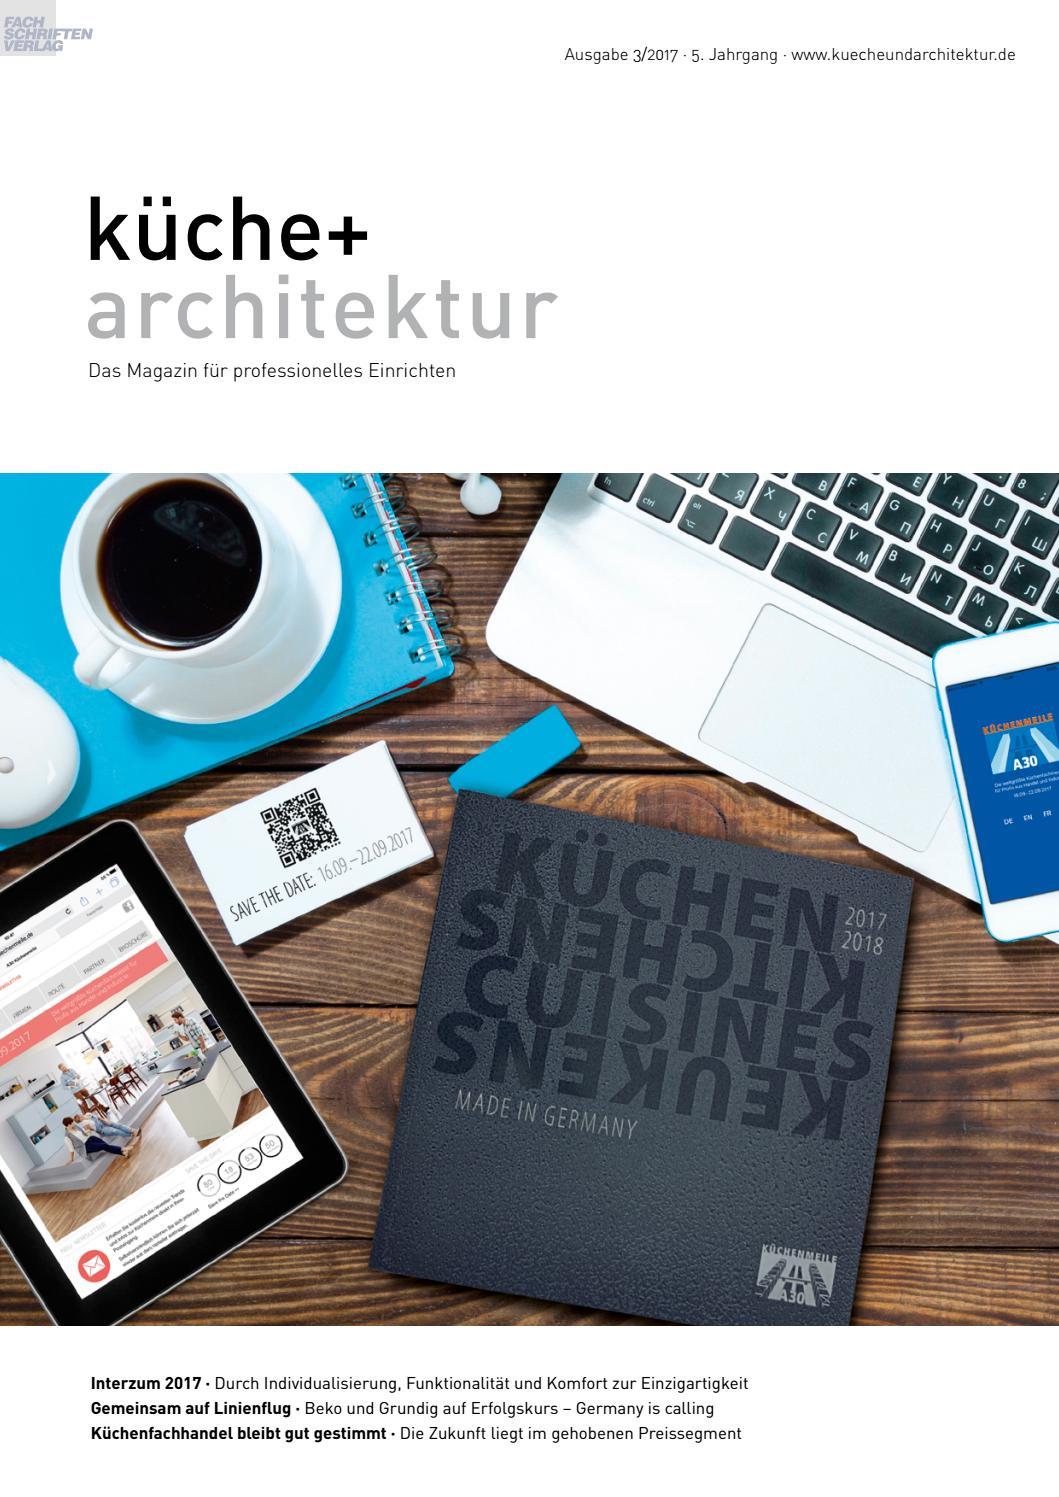 küche + architektur 3/2017 by Fachschriften Verlag - issuu